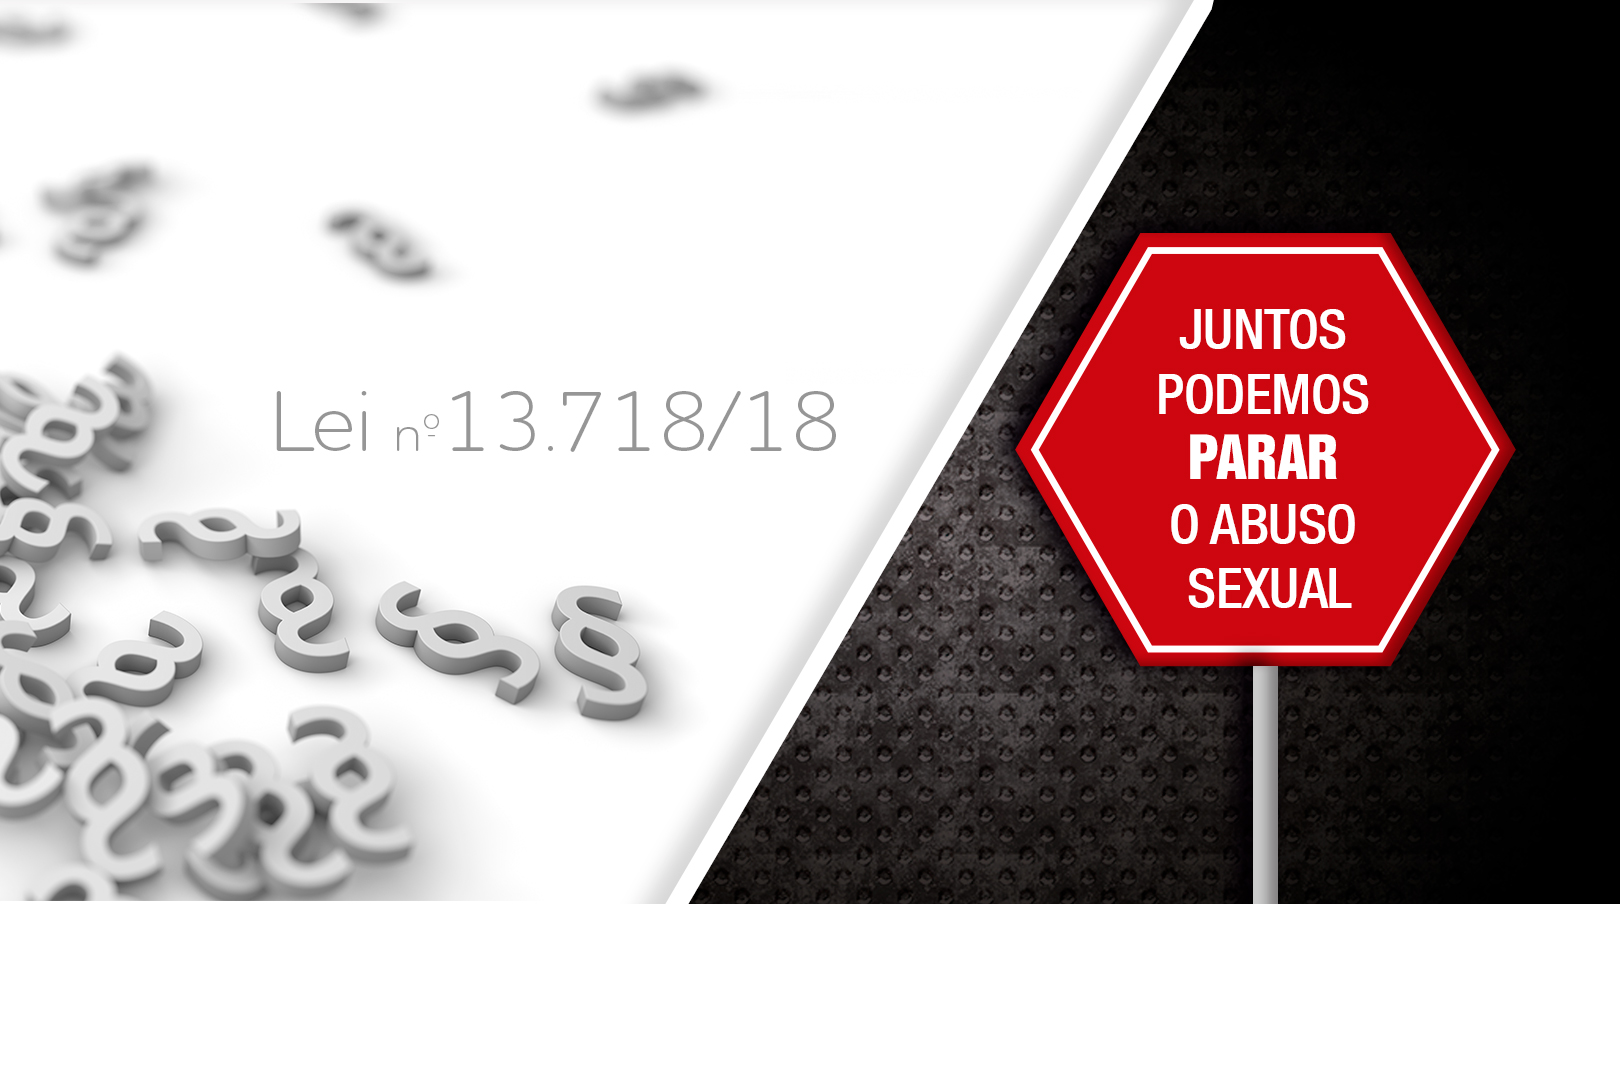 Sancionada lei que criminaliza importunação sexual